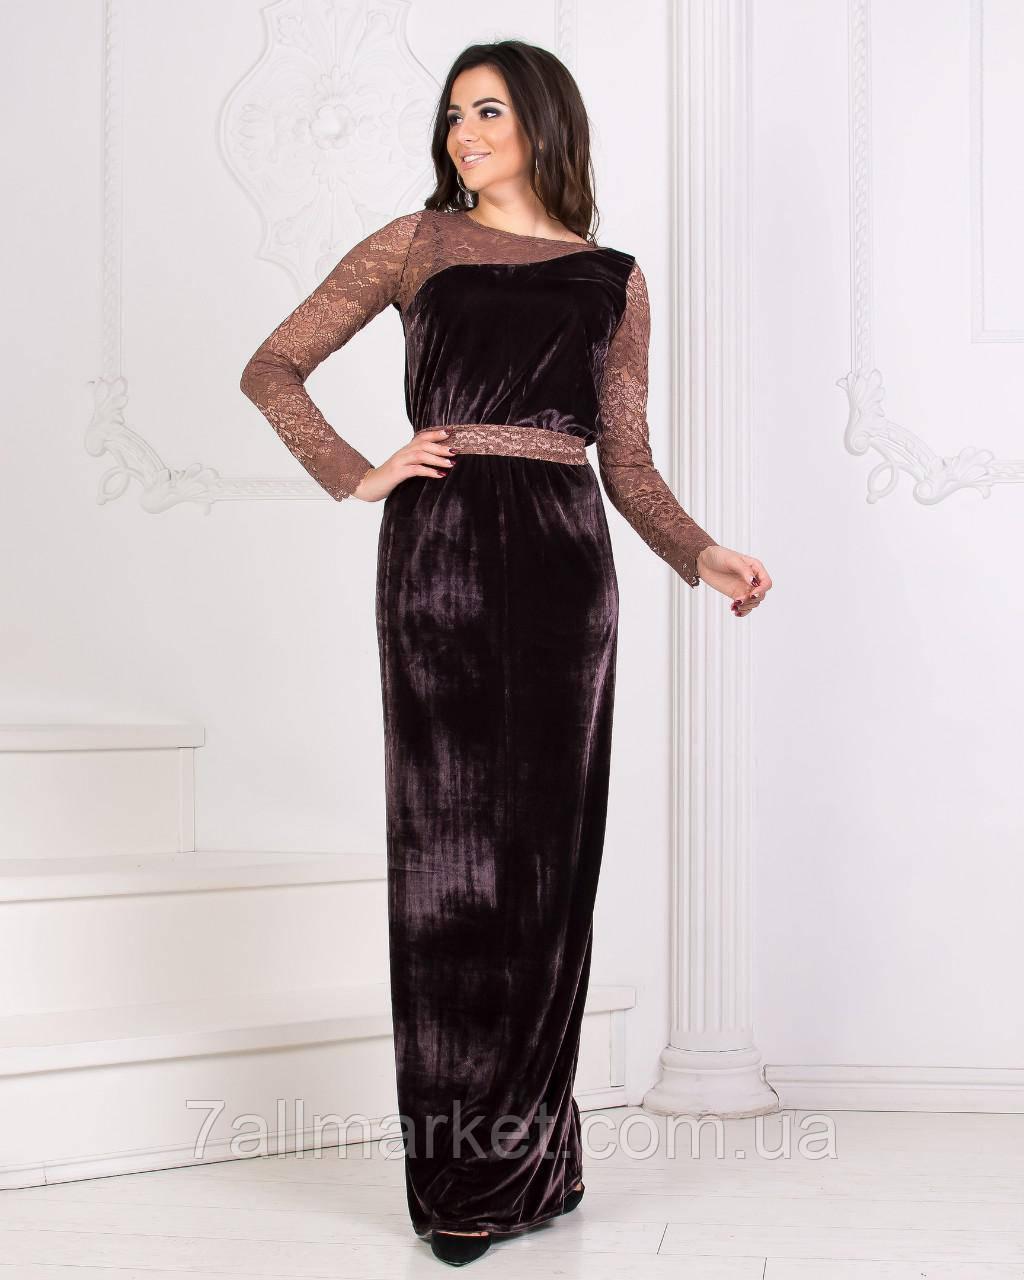 e0cb84664c4 Платье женское бархатное с гипюром